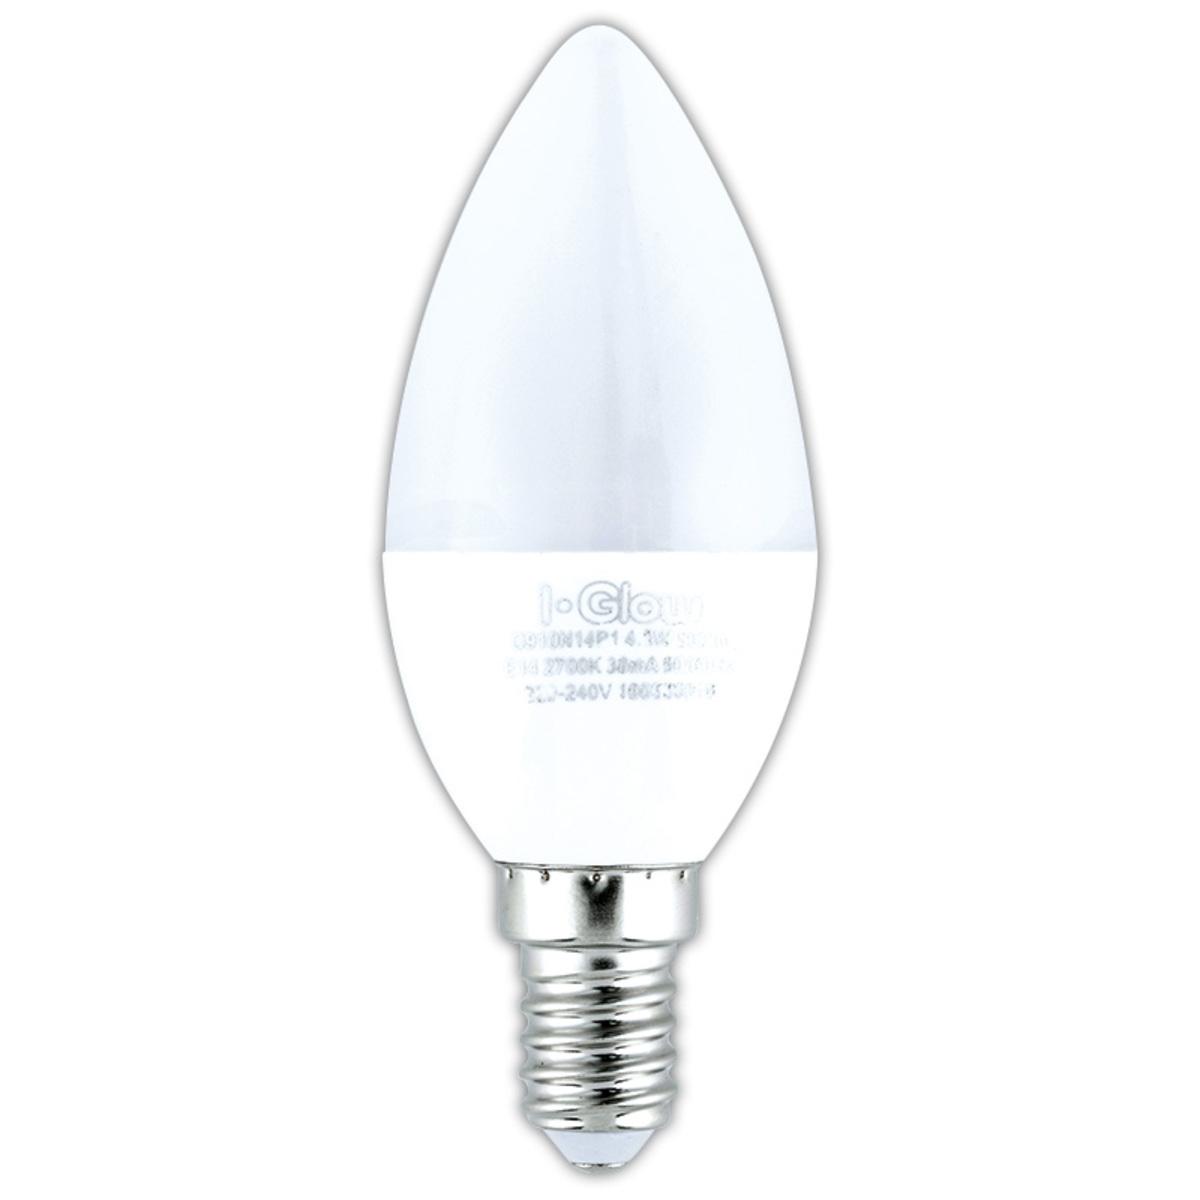 Bild 3 von I-Glow LED-Leuchtmittel